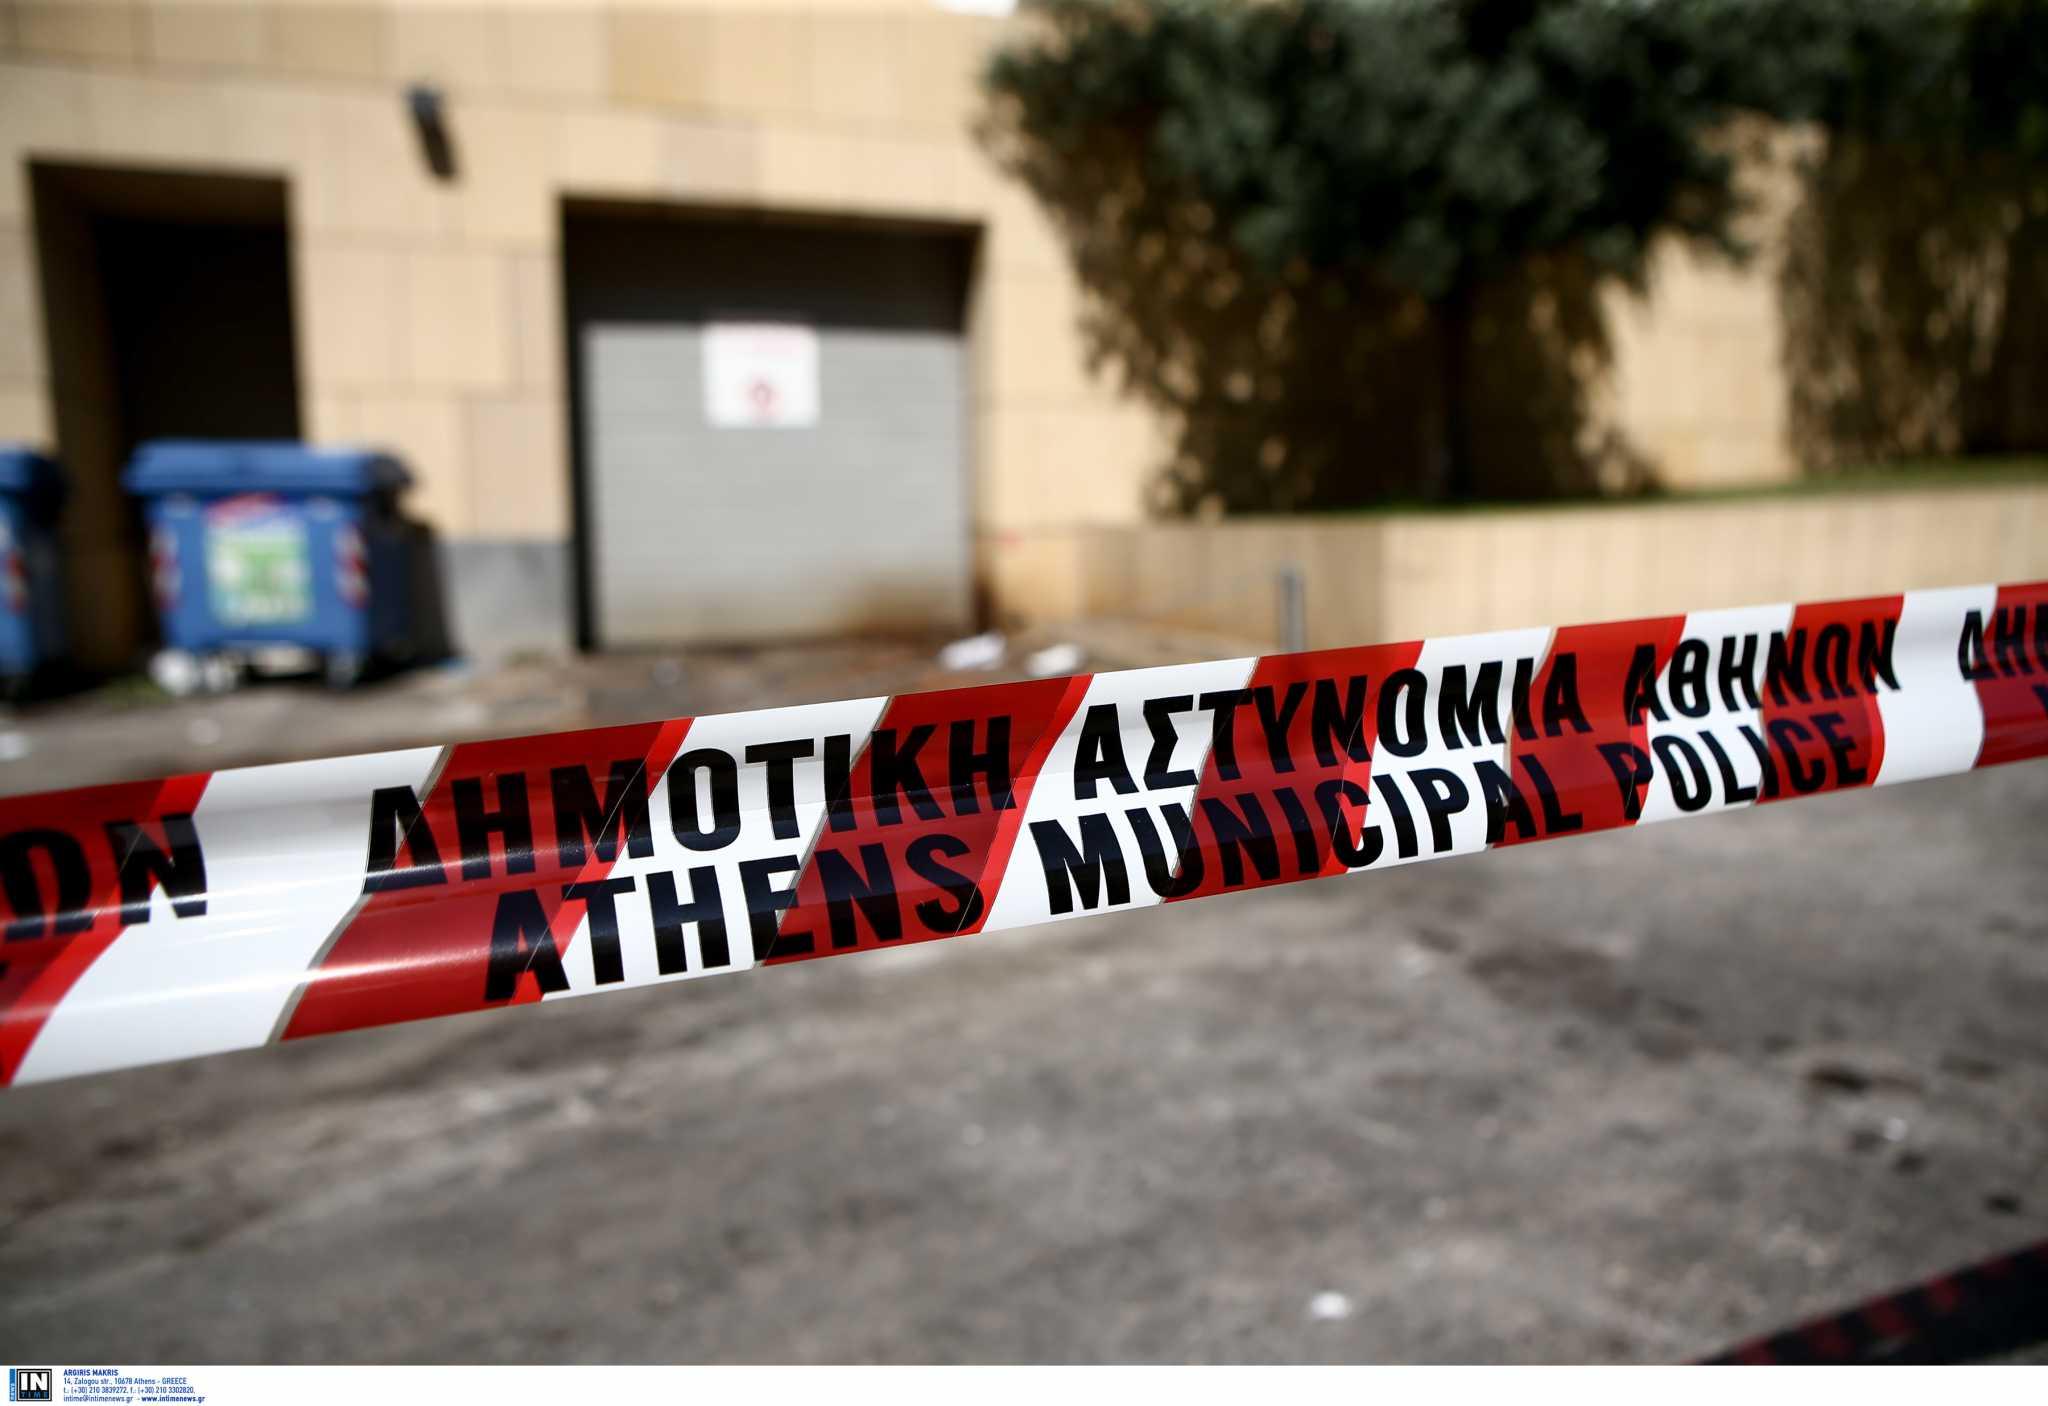 Κρήτη: Παραδόθηκαν πατέρας και γιοι για την μαφιόζικη ενέδρα με πυροβολισμούς σε κτηνοτρόφο